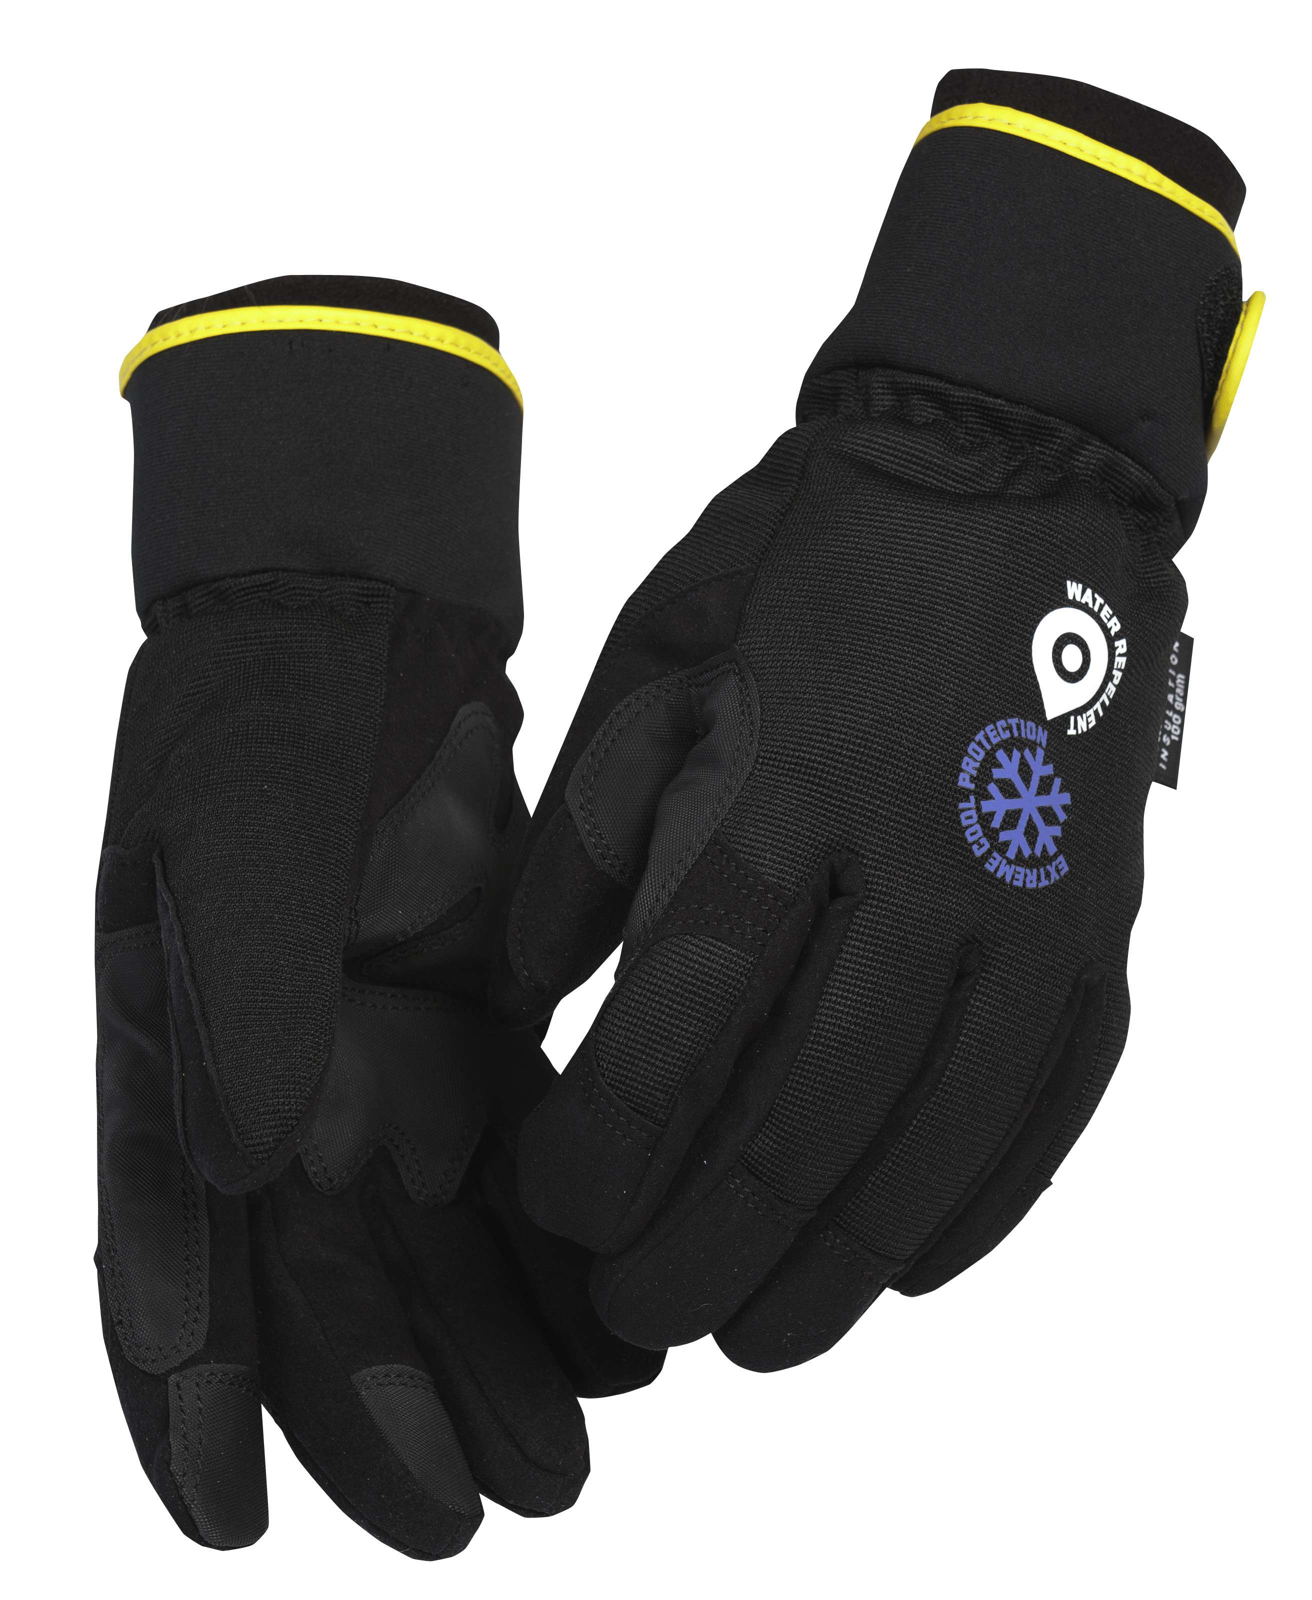 Blaklader Werkhandschoenen 22493945 zwart(9900)